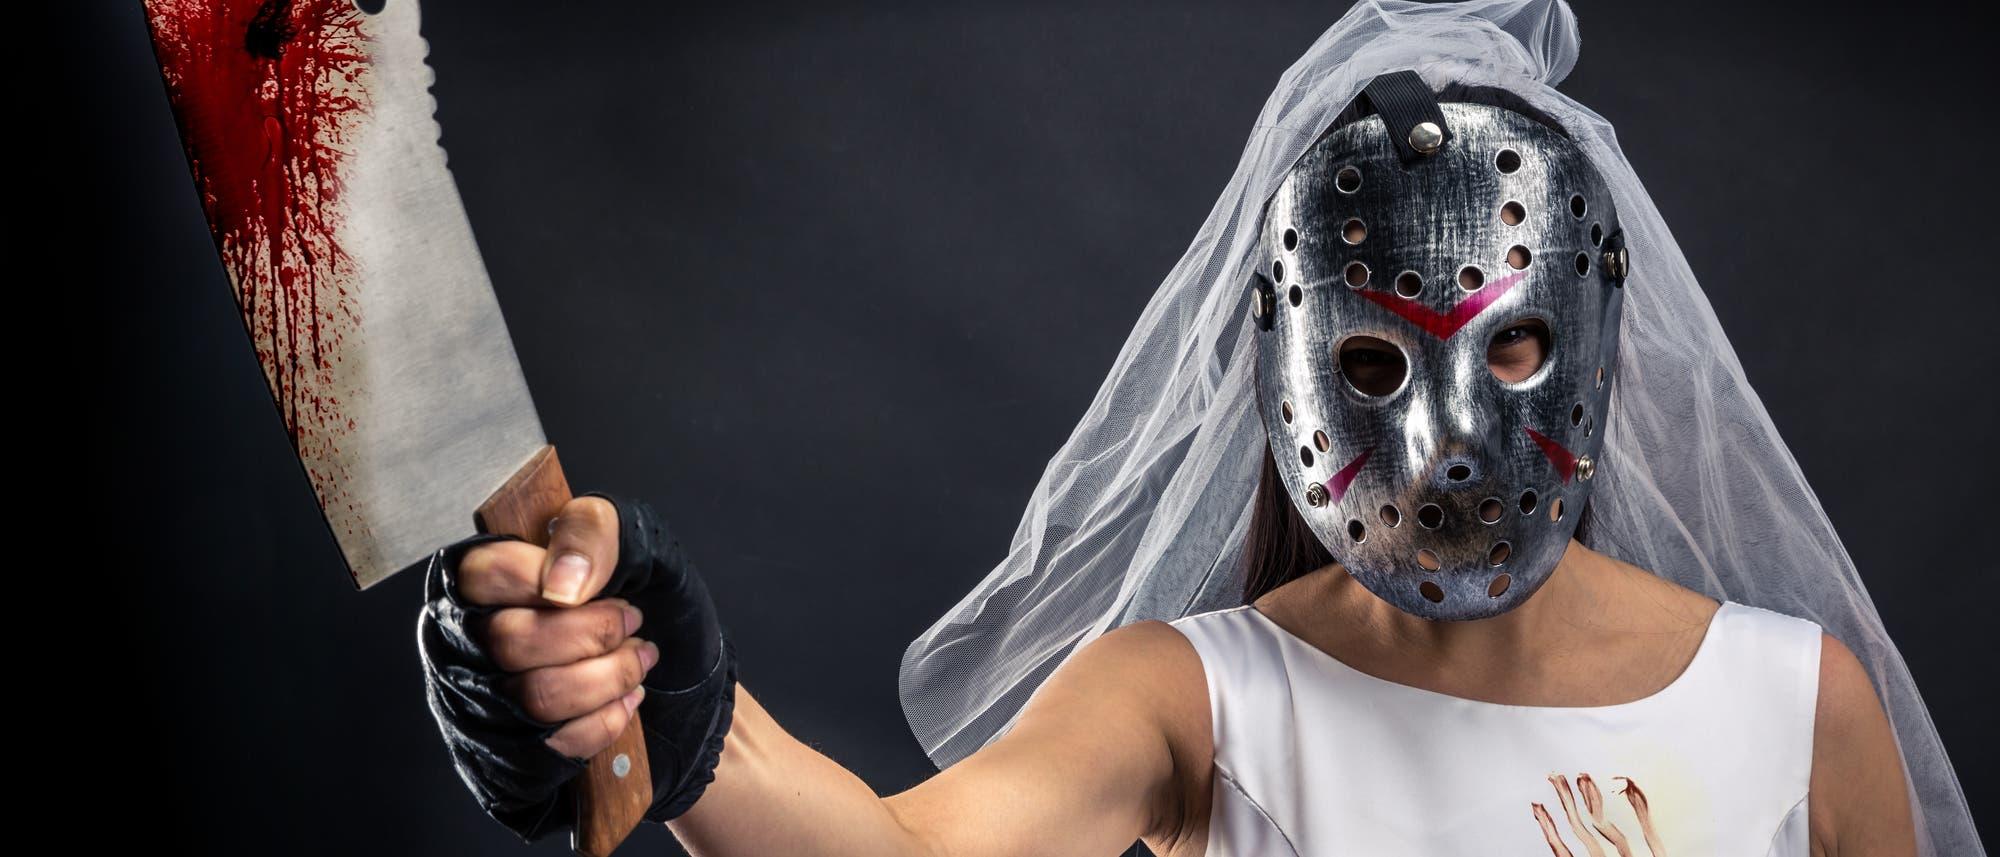 Braut mit Eishockeymaske und blutigem Hackmesser in der Hand